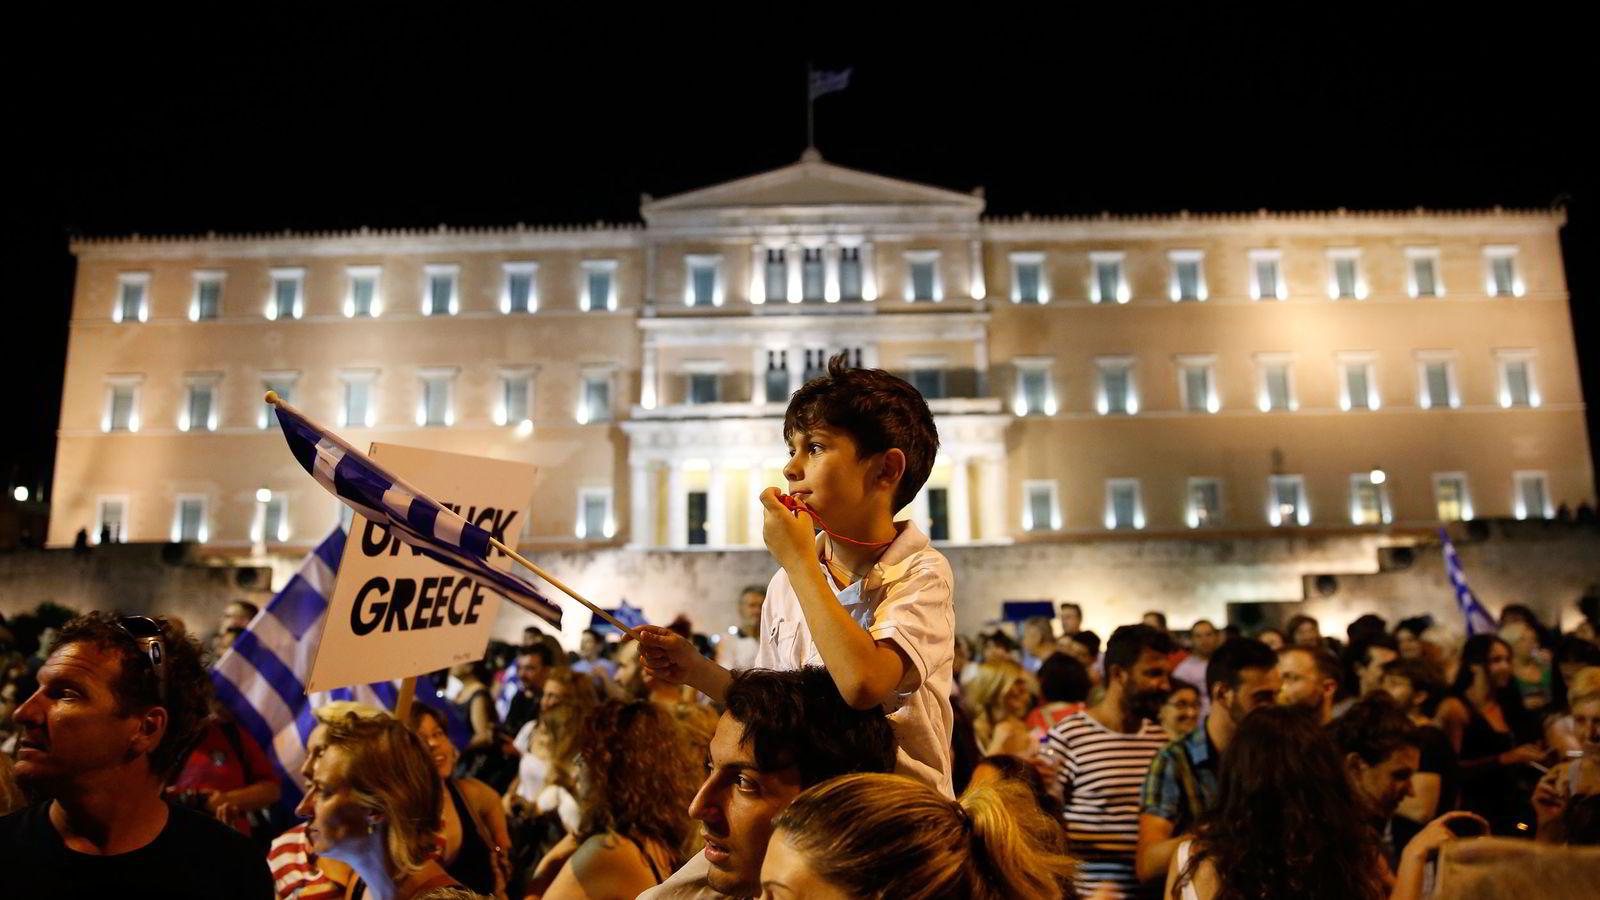 Adonis (18) og Sokratis (7) Dekas på Syntagmaplassen i Aten.